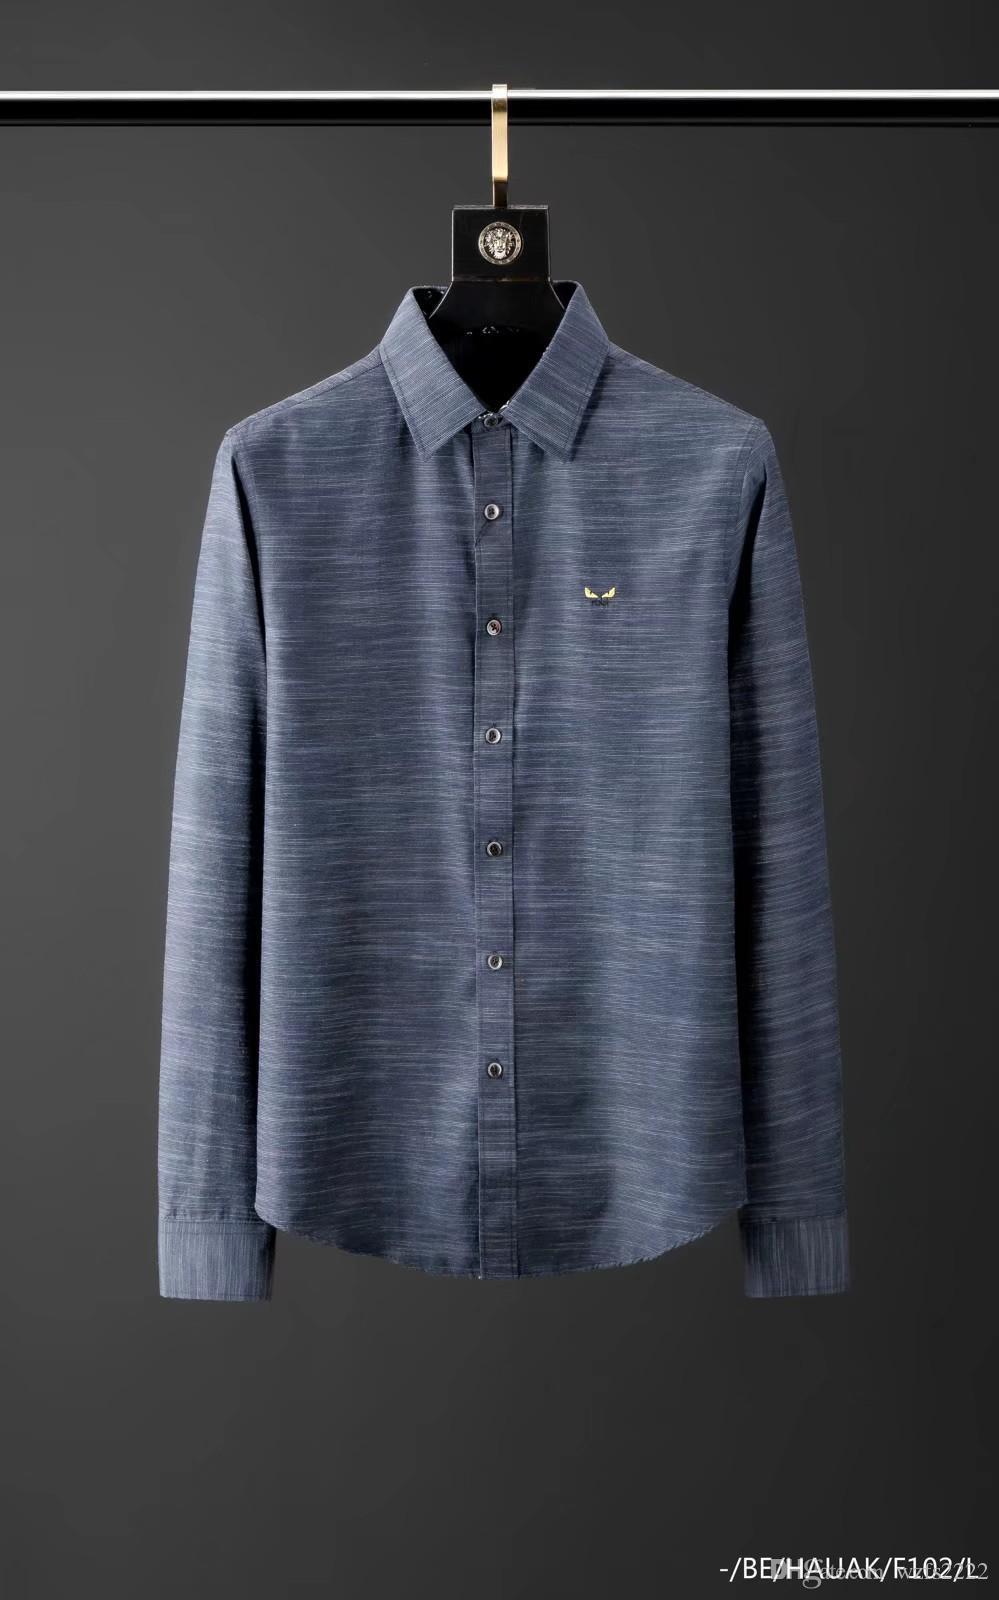 marque Hommes chemises design chemise française Paris marque vêtements 029 hommes de style shirt Hip Hop manches longues en coton de haute qualité 2019 nouvelle arrivée